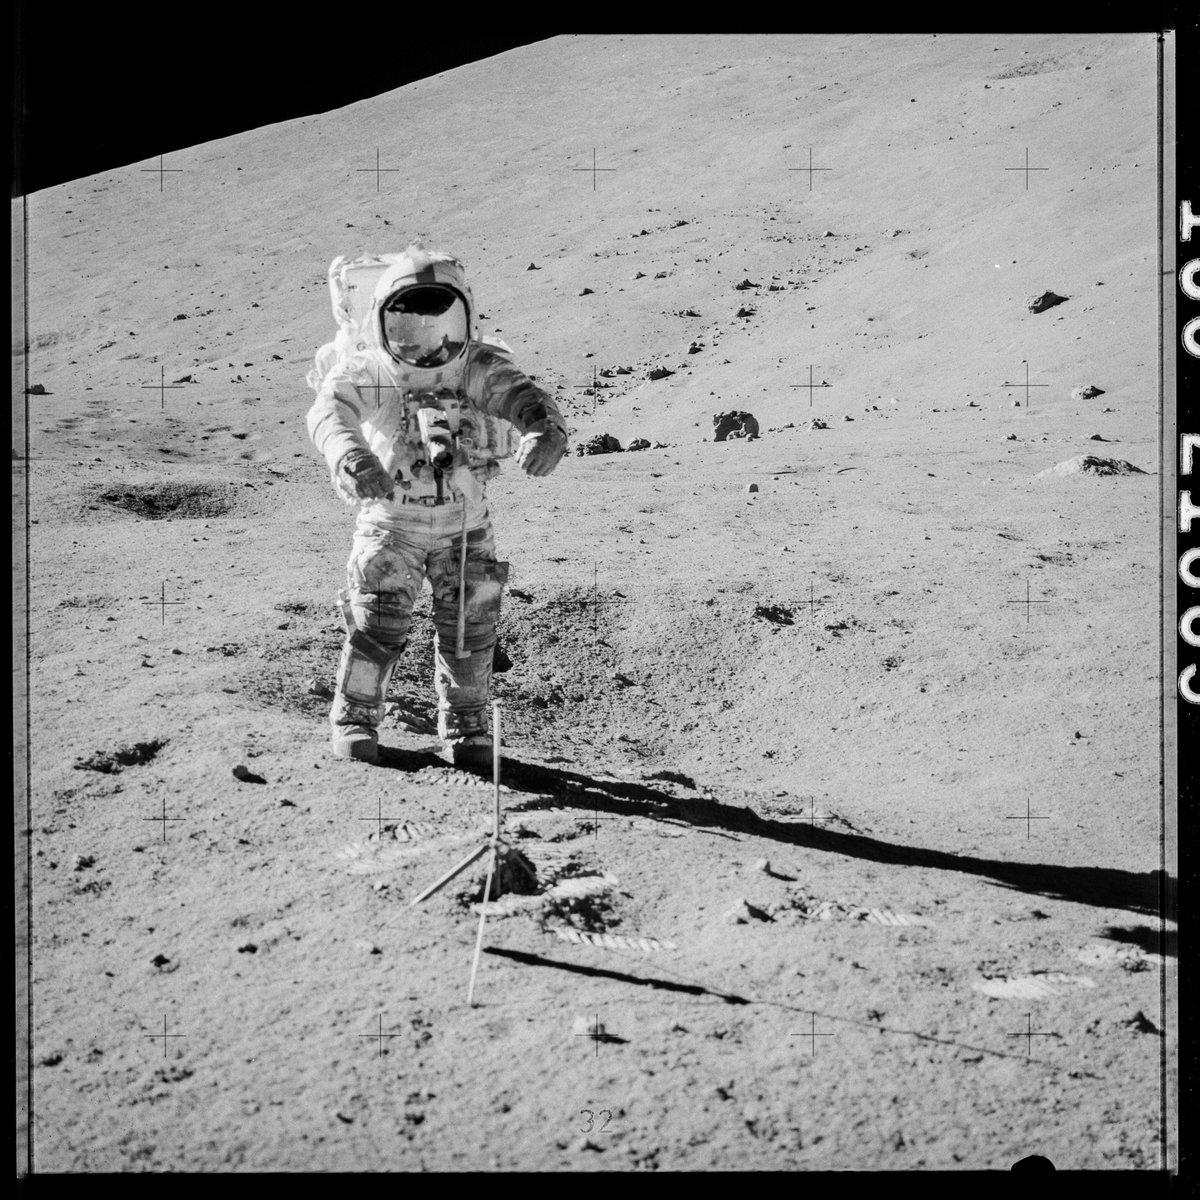 Apollo 17 échantillon © NASA